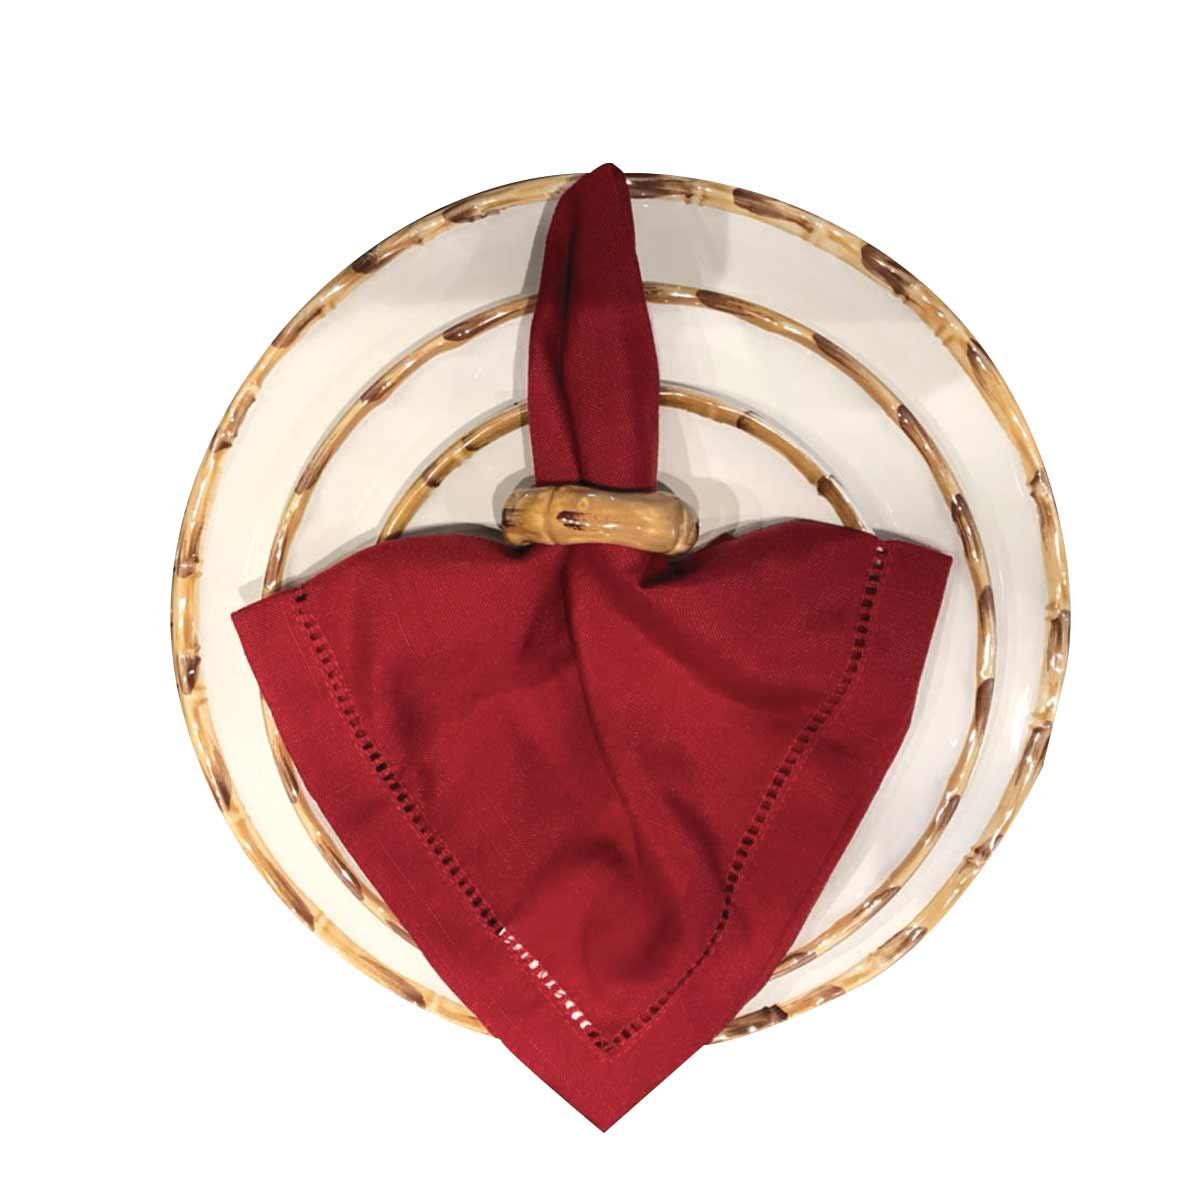 Kit 6 Anéis Porta Guardanapo Argola Bambu Scalla  - Lemis